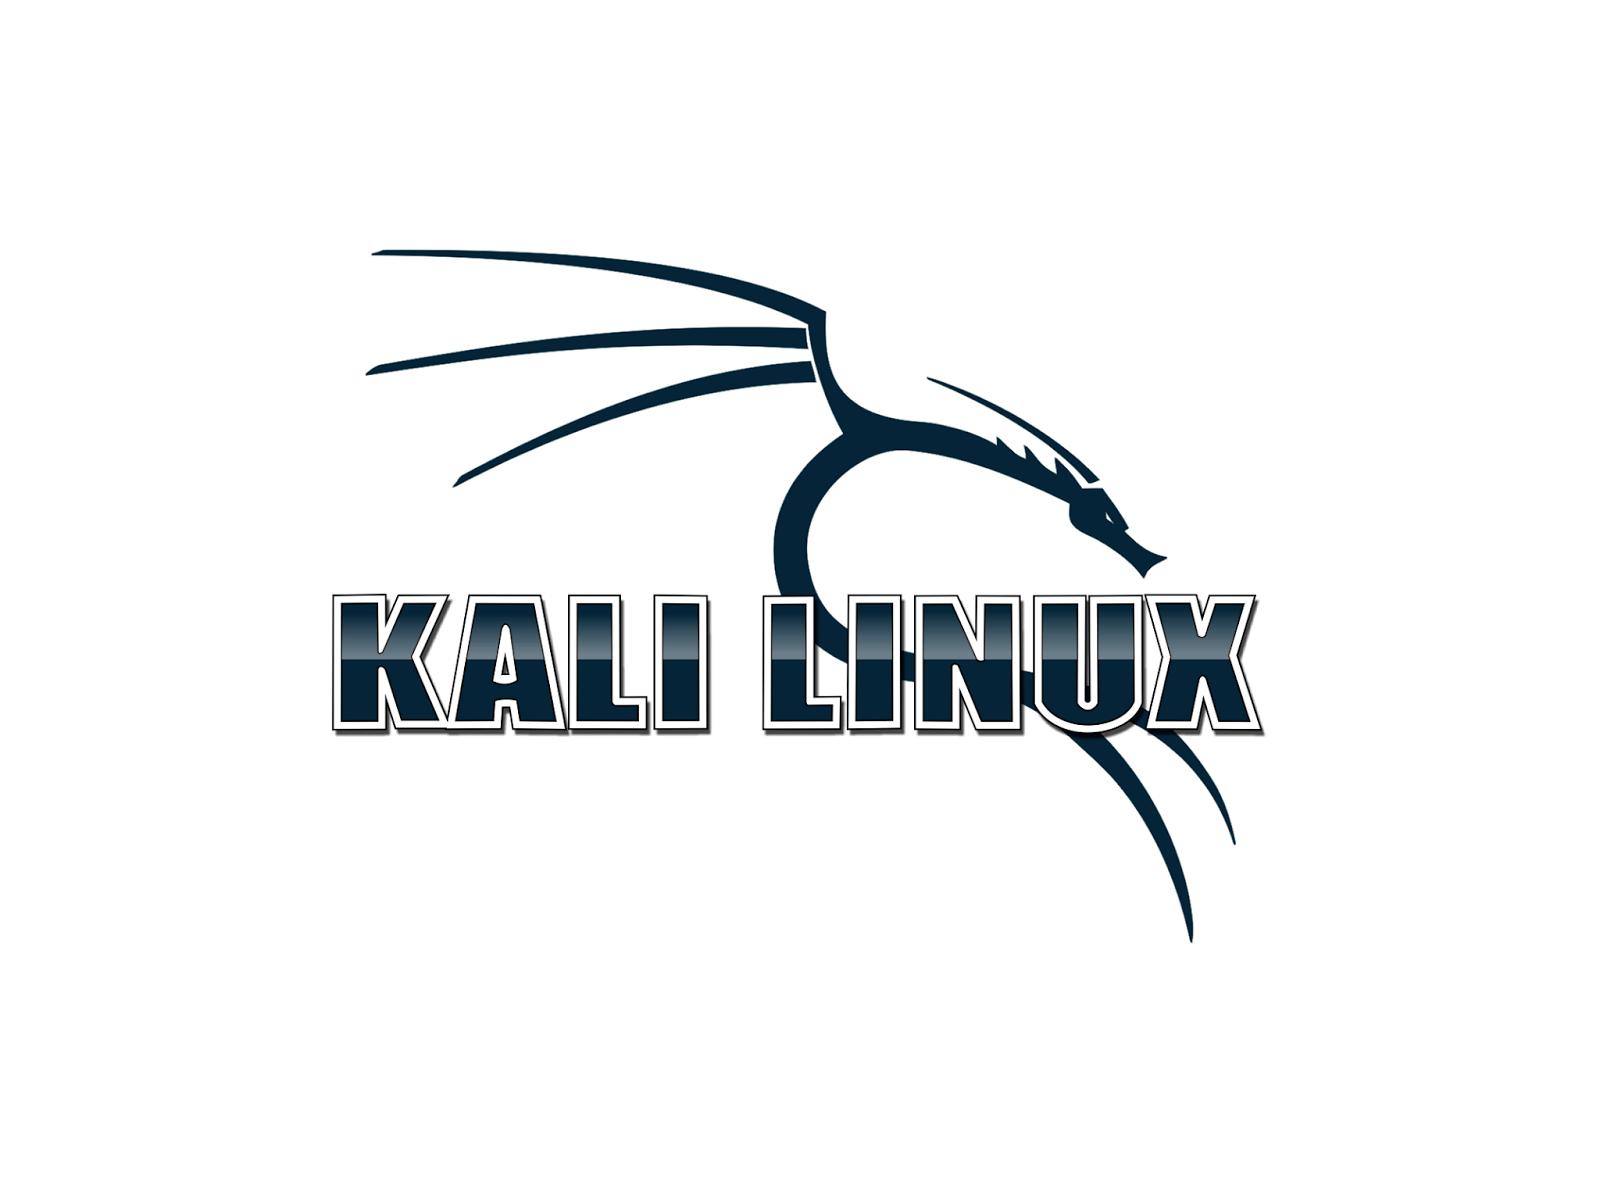 کالی لینوکس